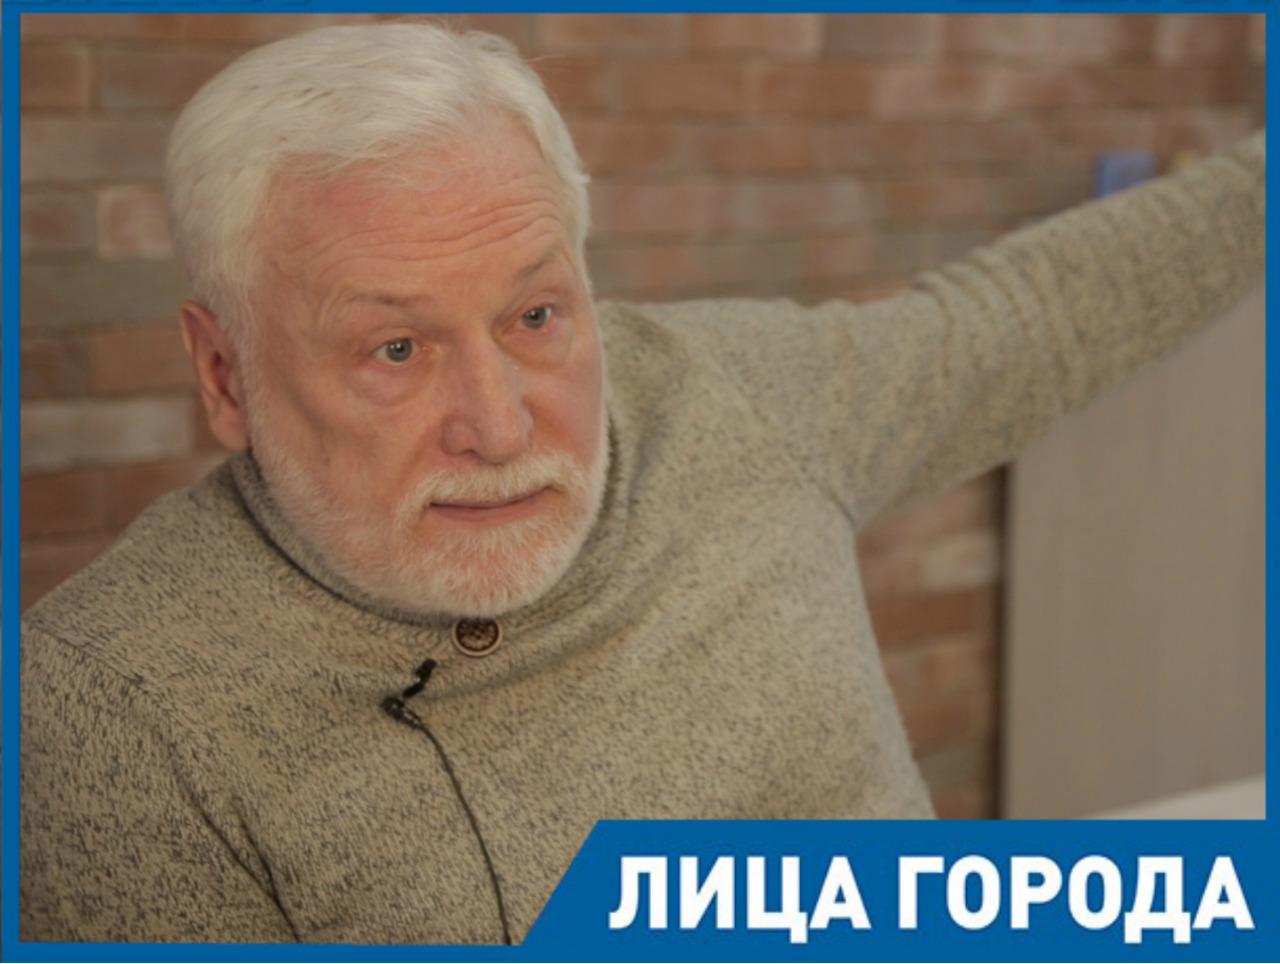 Бывший музтеатр ремонта будет ждать долго, - Александр Кожин